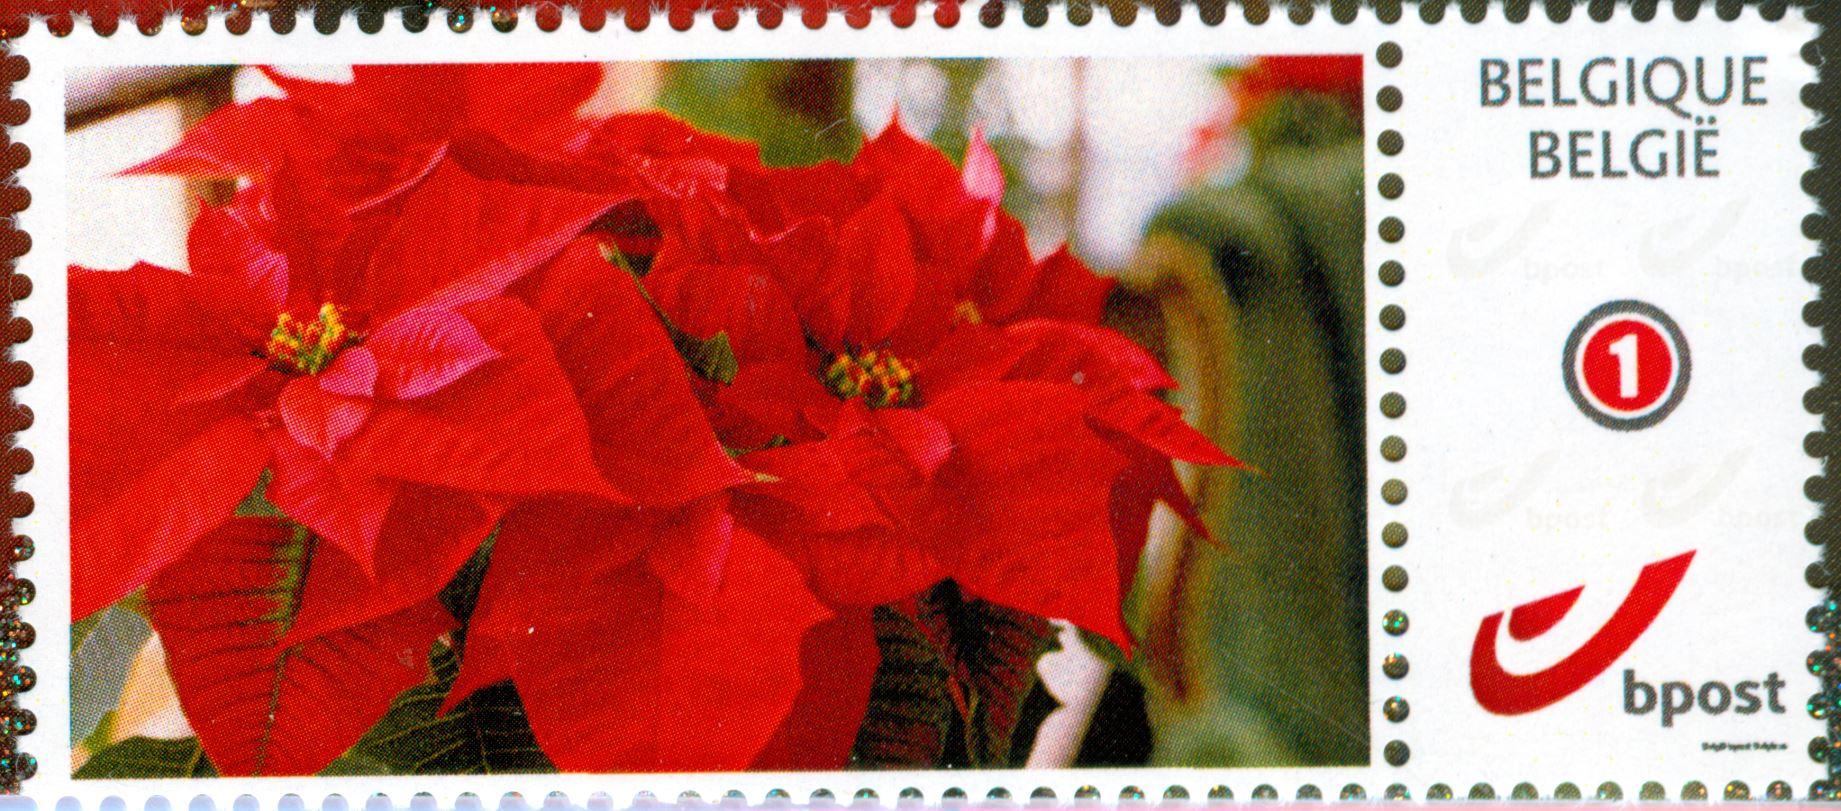 Meine Marke aus Belgien mit Bpost! Be_2013_hallmark_kerst_01_05